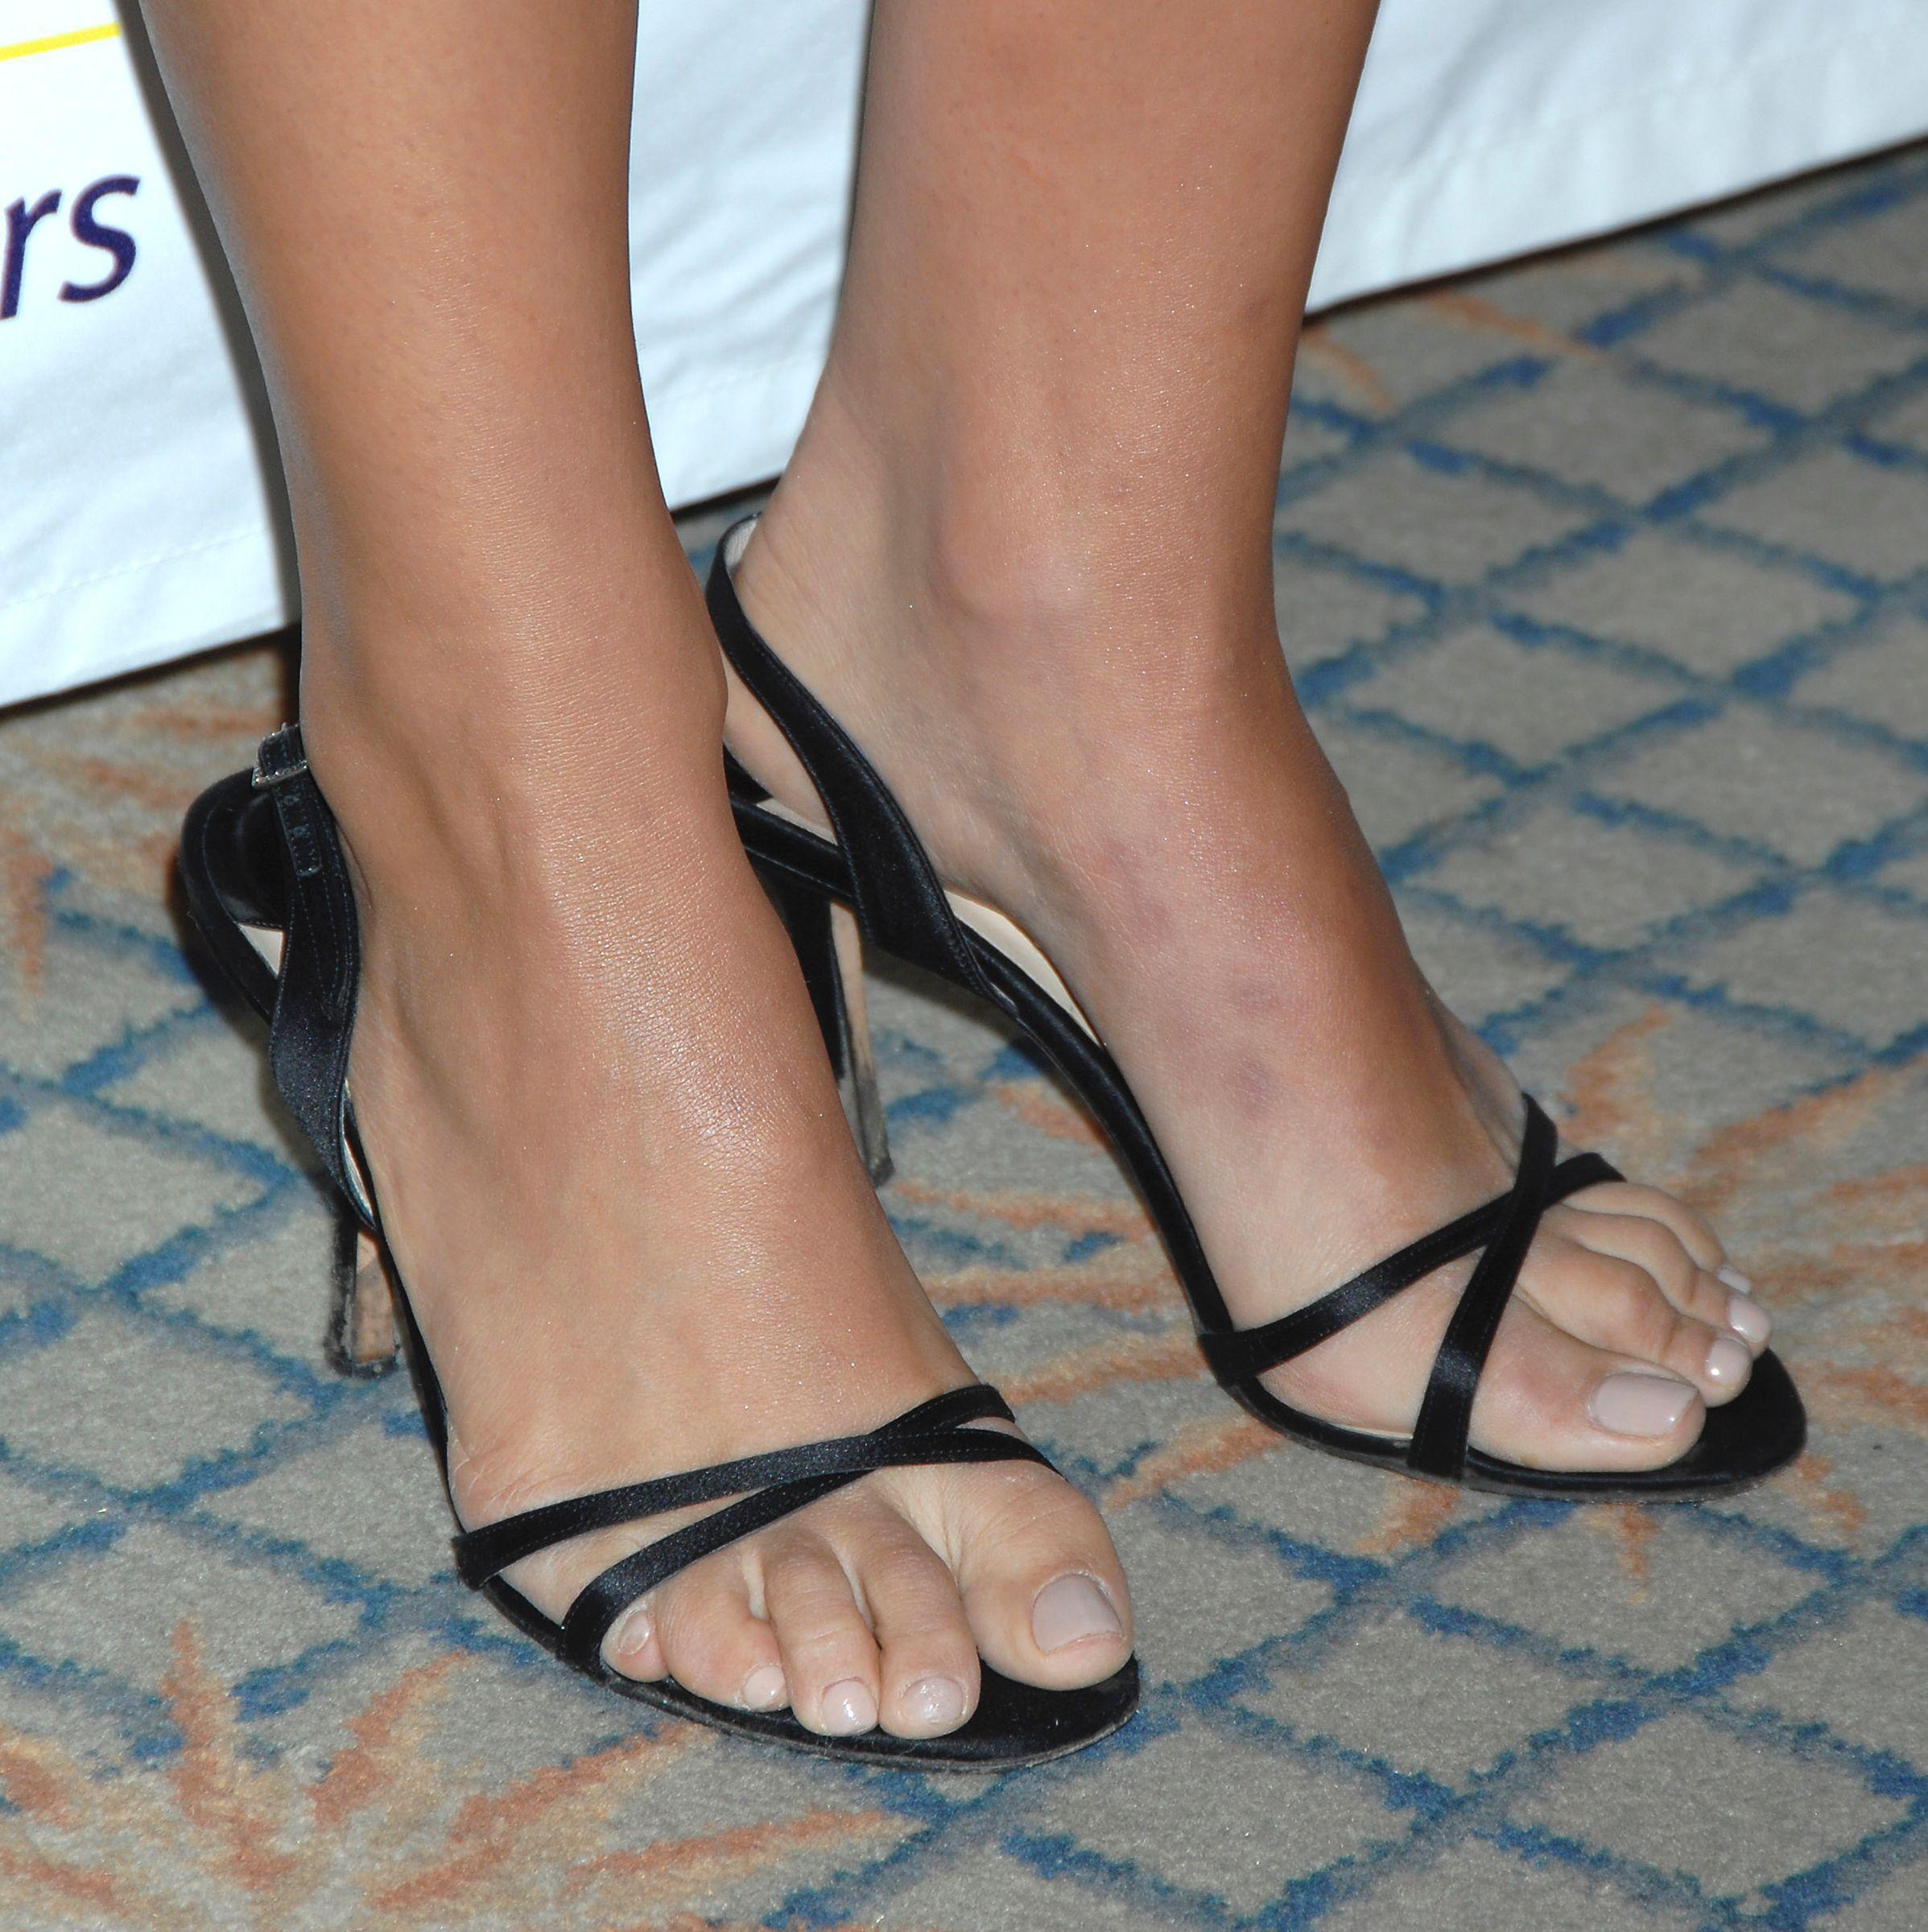 Natalie Portman Feet, Famous Women, Celebrity Feet, Sandal, High Heels,  Sandals, Shoes Sandals, High Heeled Footwear, Shoes Heels